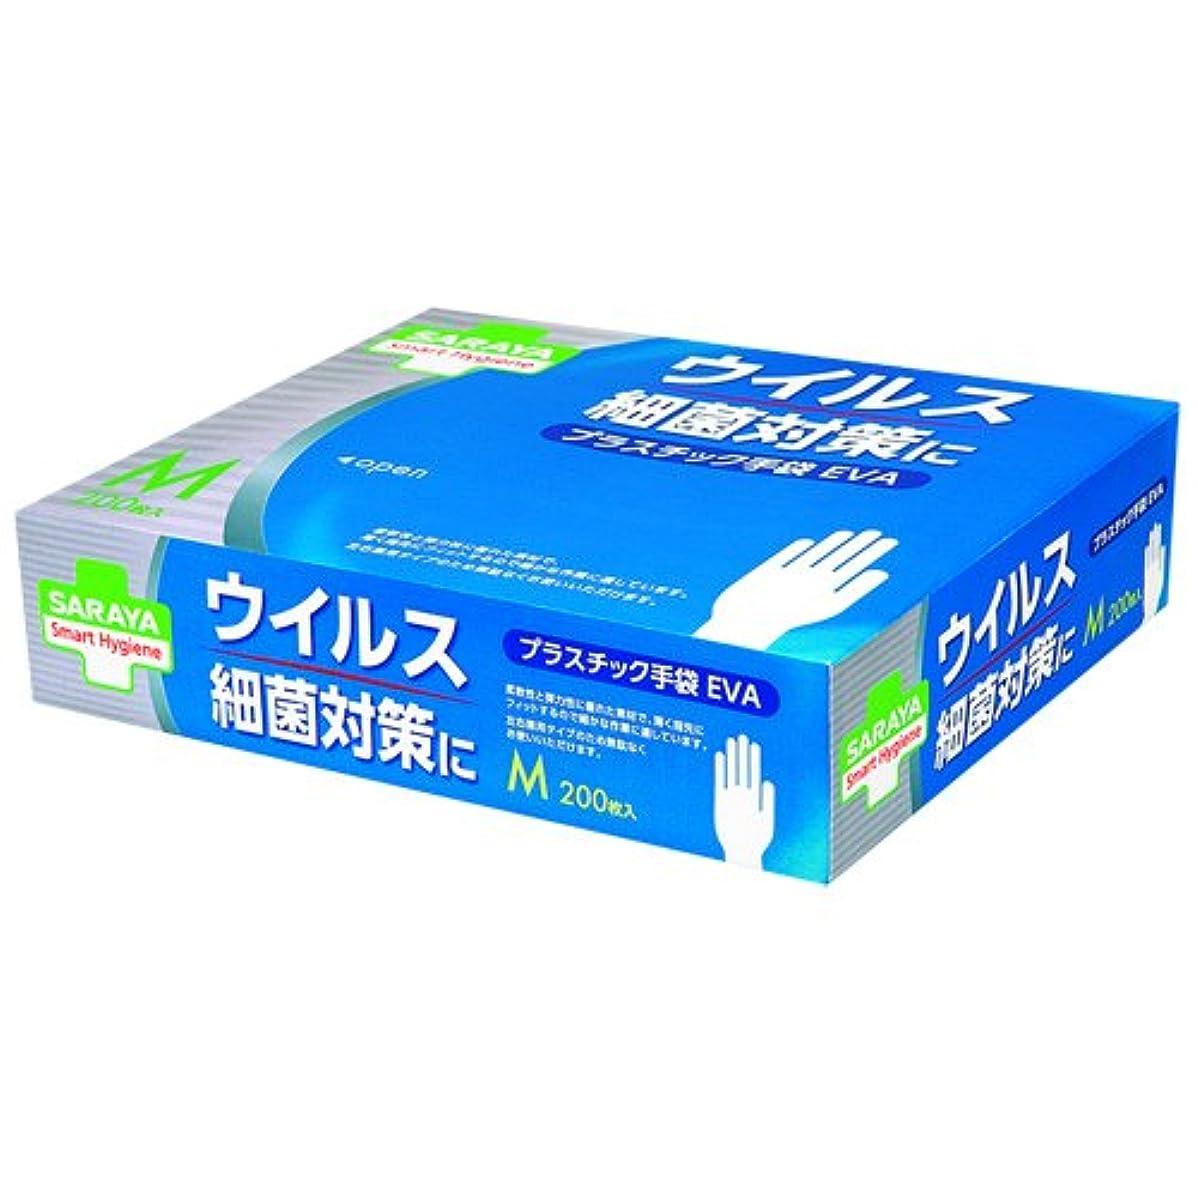 貫入アジア人インキュバススマートハイジーンプラスチック手袋EVA200枚Mサイズ